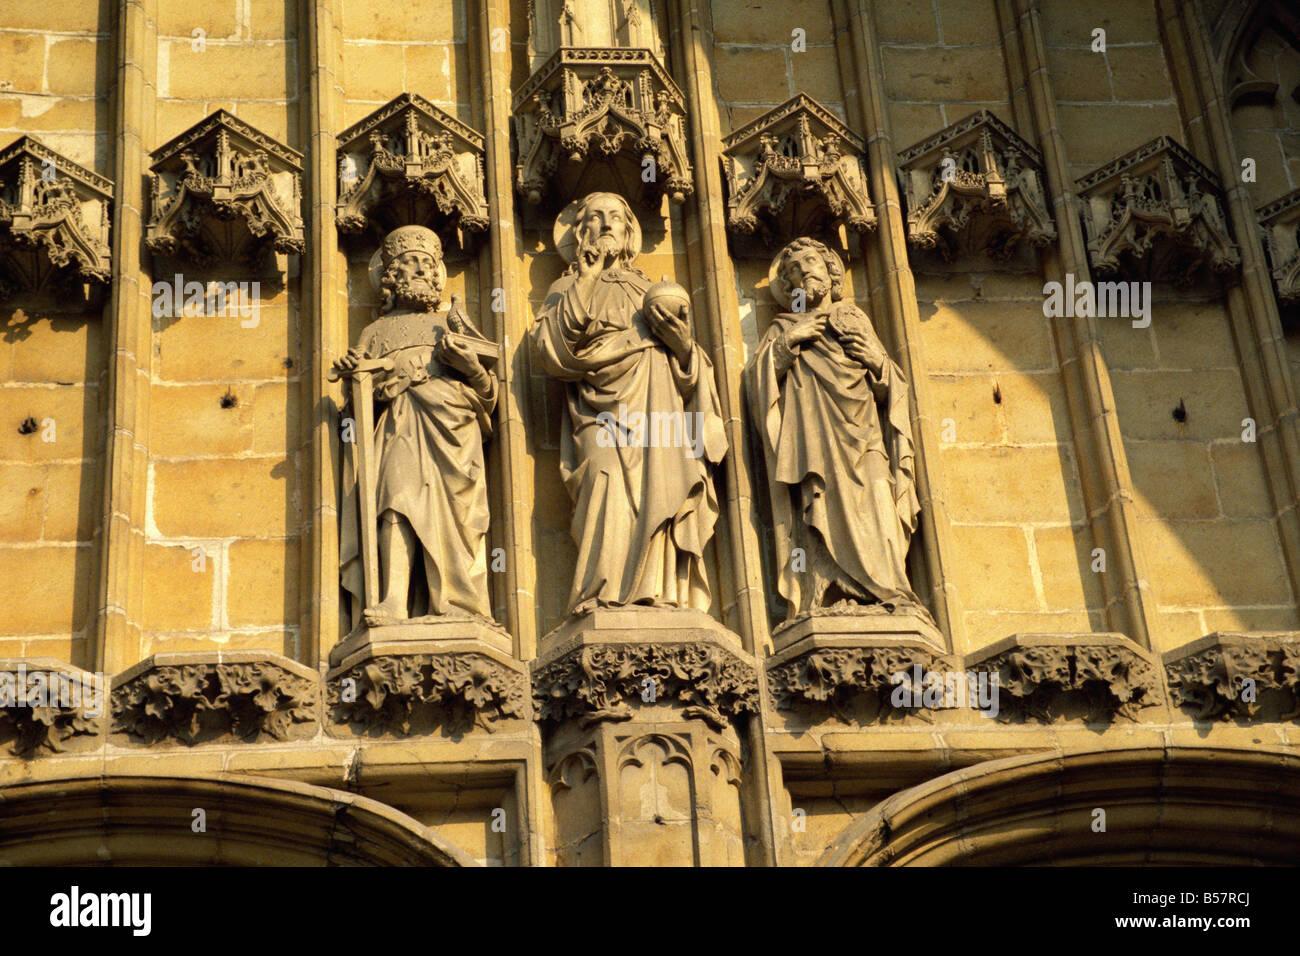 Religious statuary west door St Baafskathedraal Ghent Belgium Europe - Stock Image